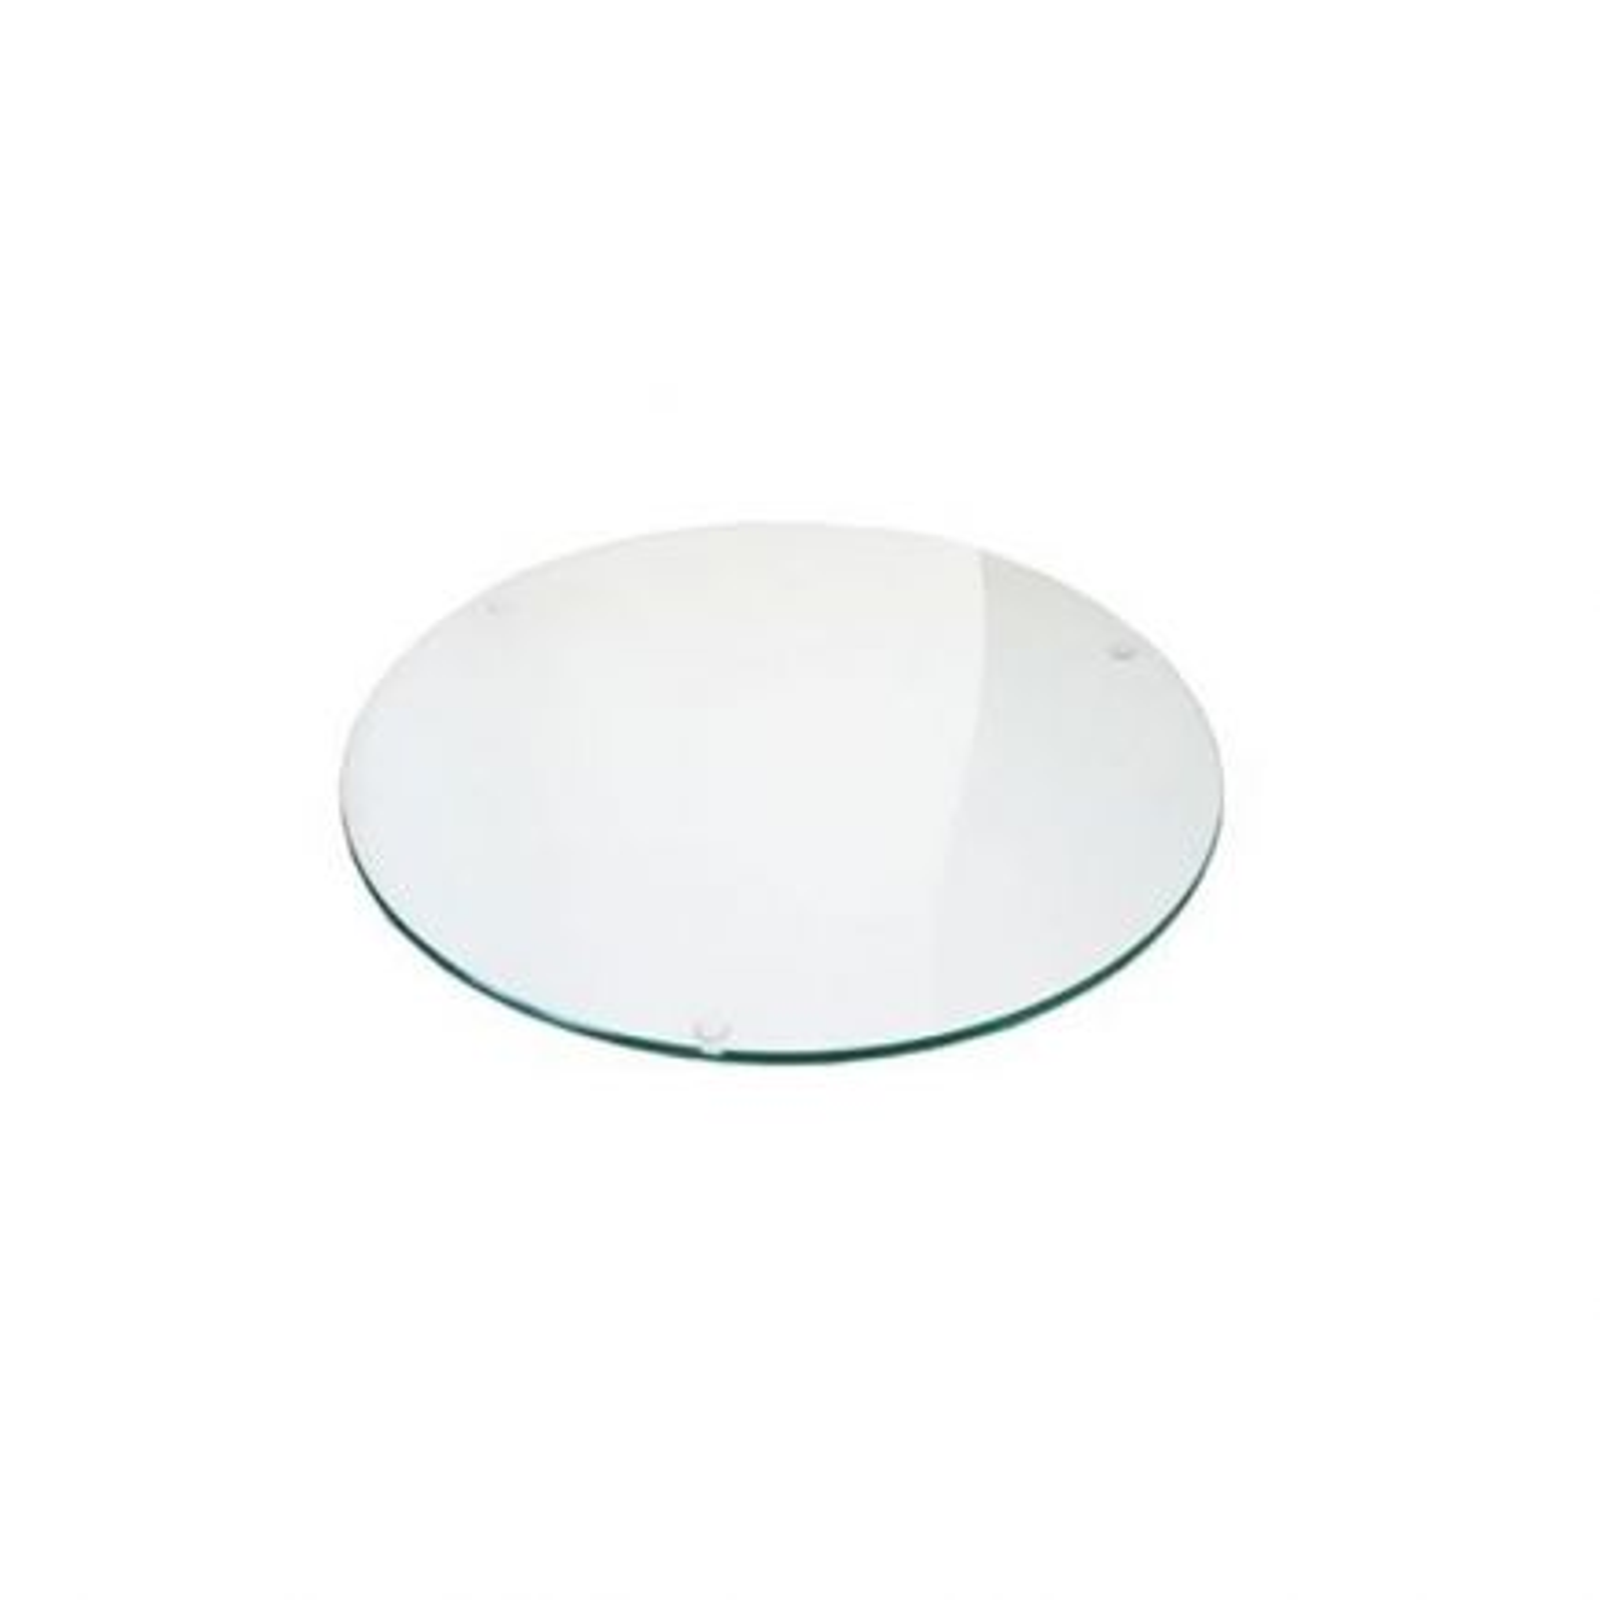 Verre Ronde Plateaux Set En Amovible Table Basse 0wknOP